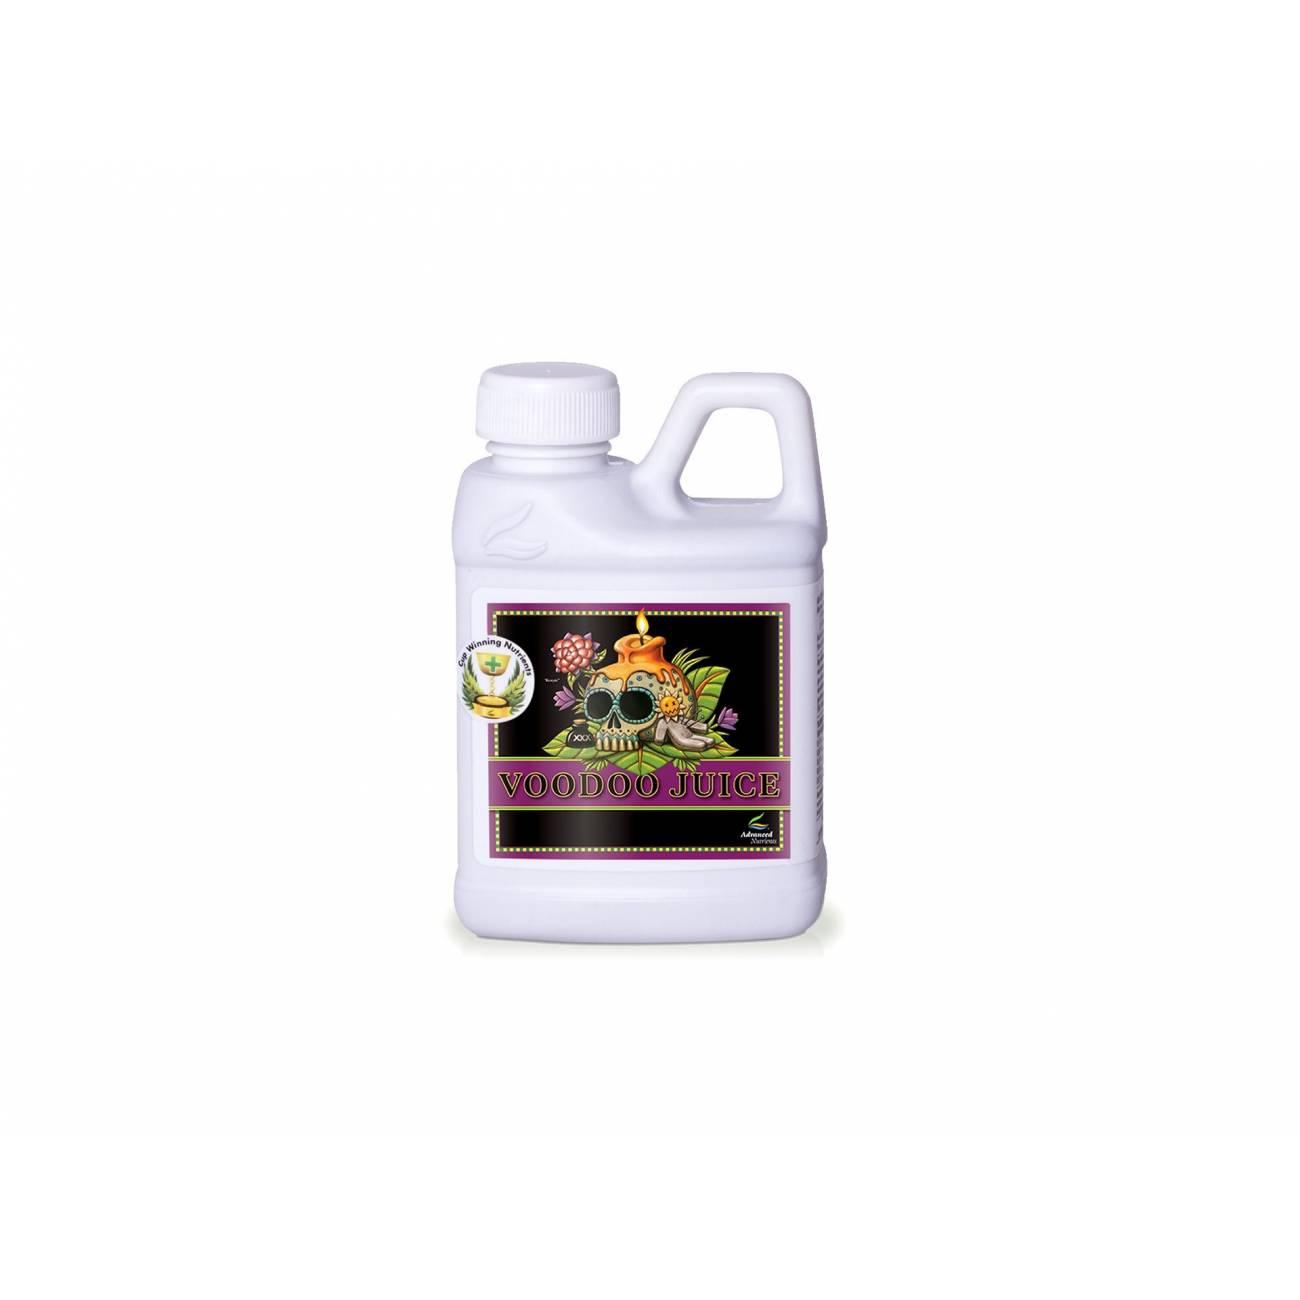 Voodoo Juice (250mL/500mL)